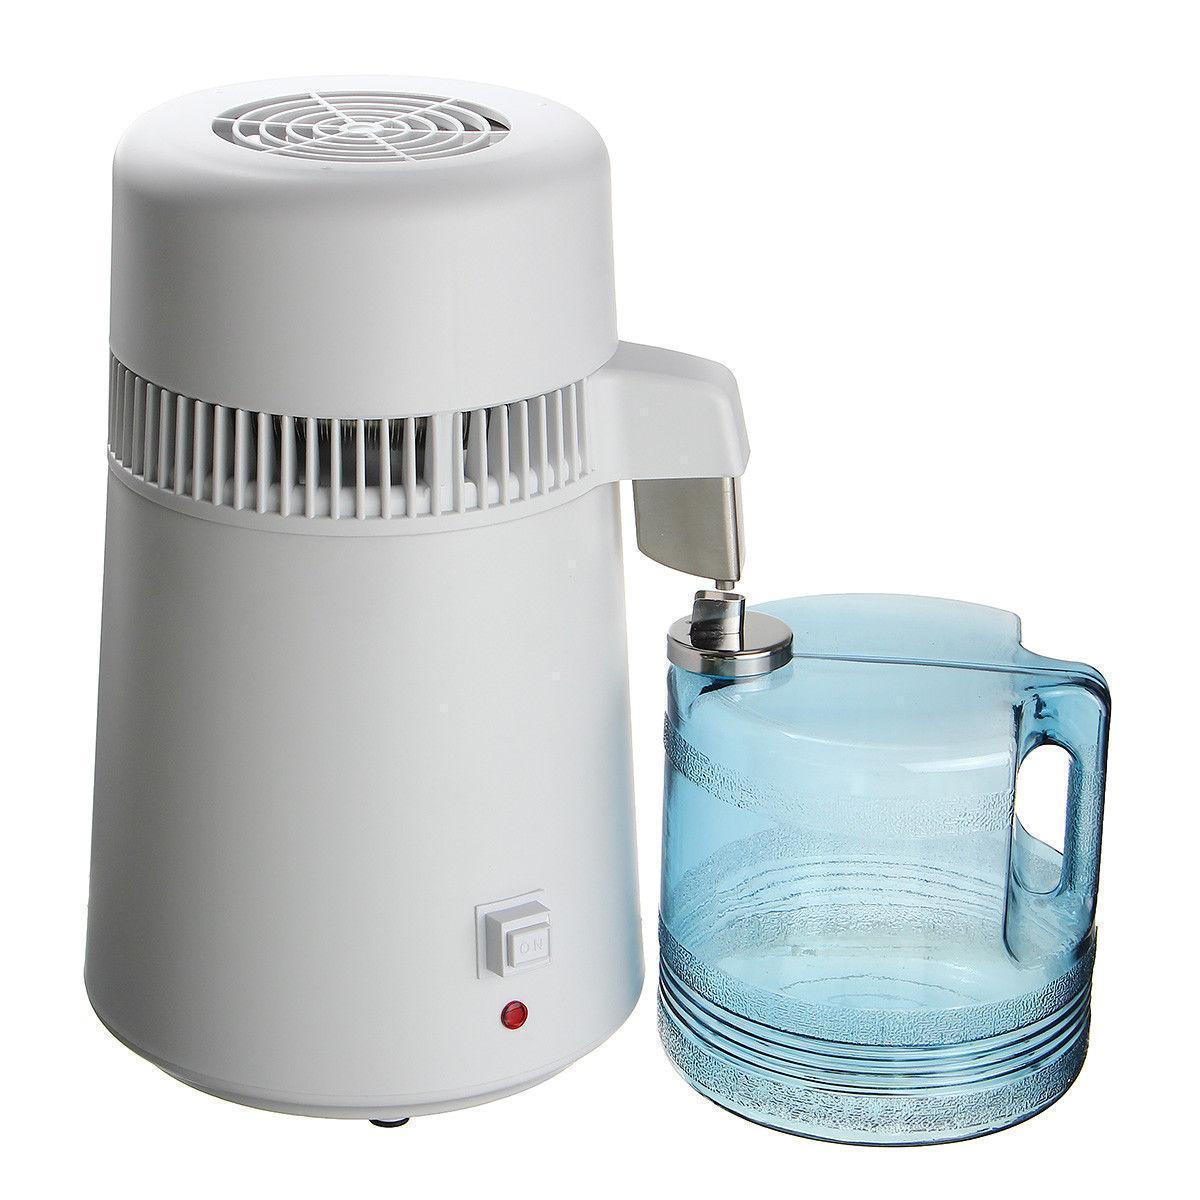 Тотальное очищение воды. Бытовой дистиллятор воды - BL 9803.